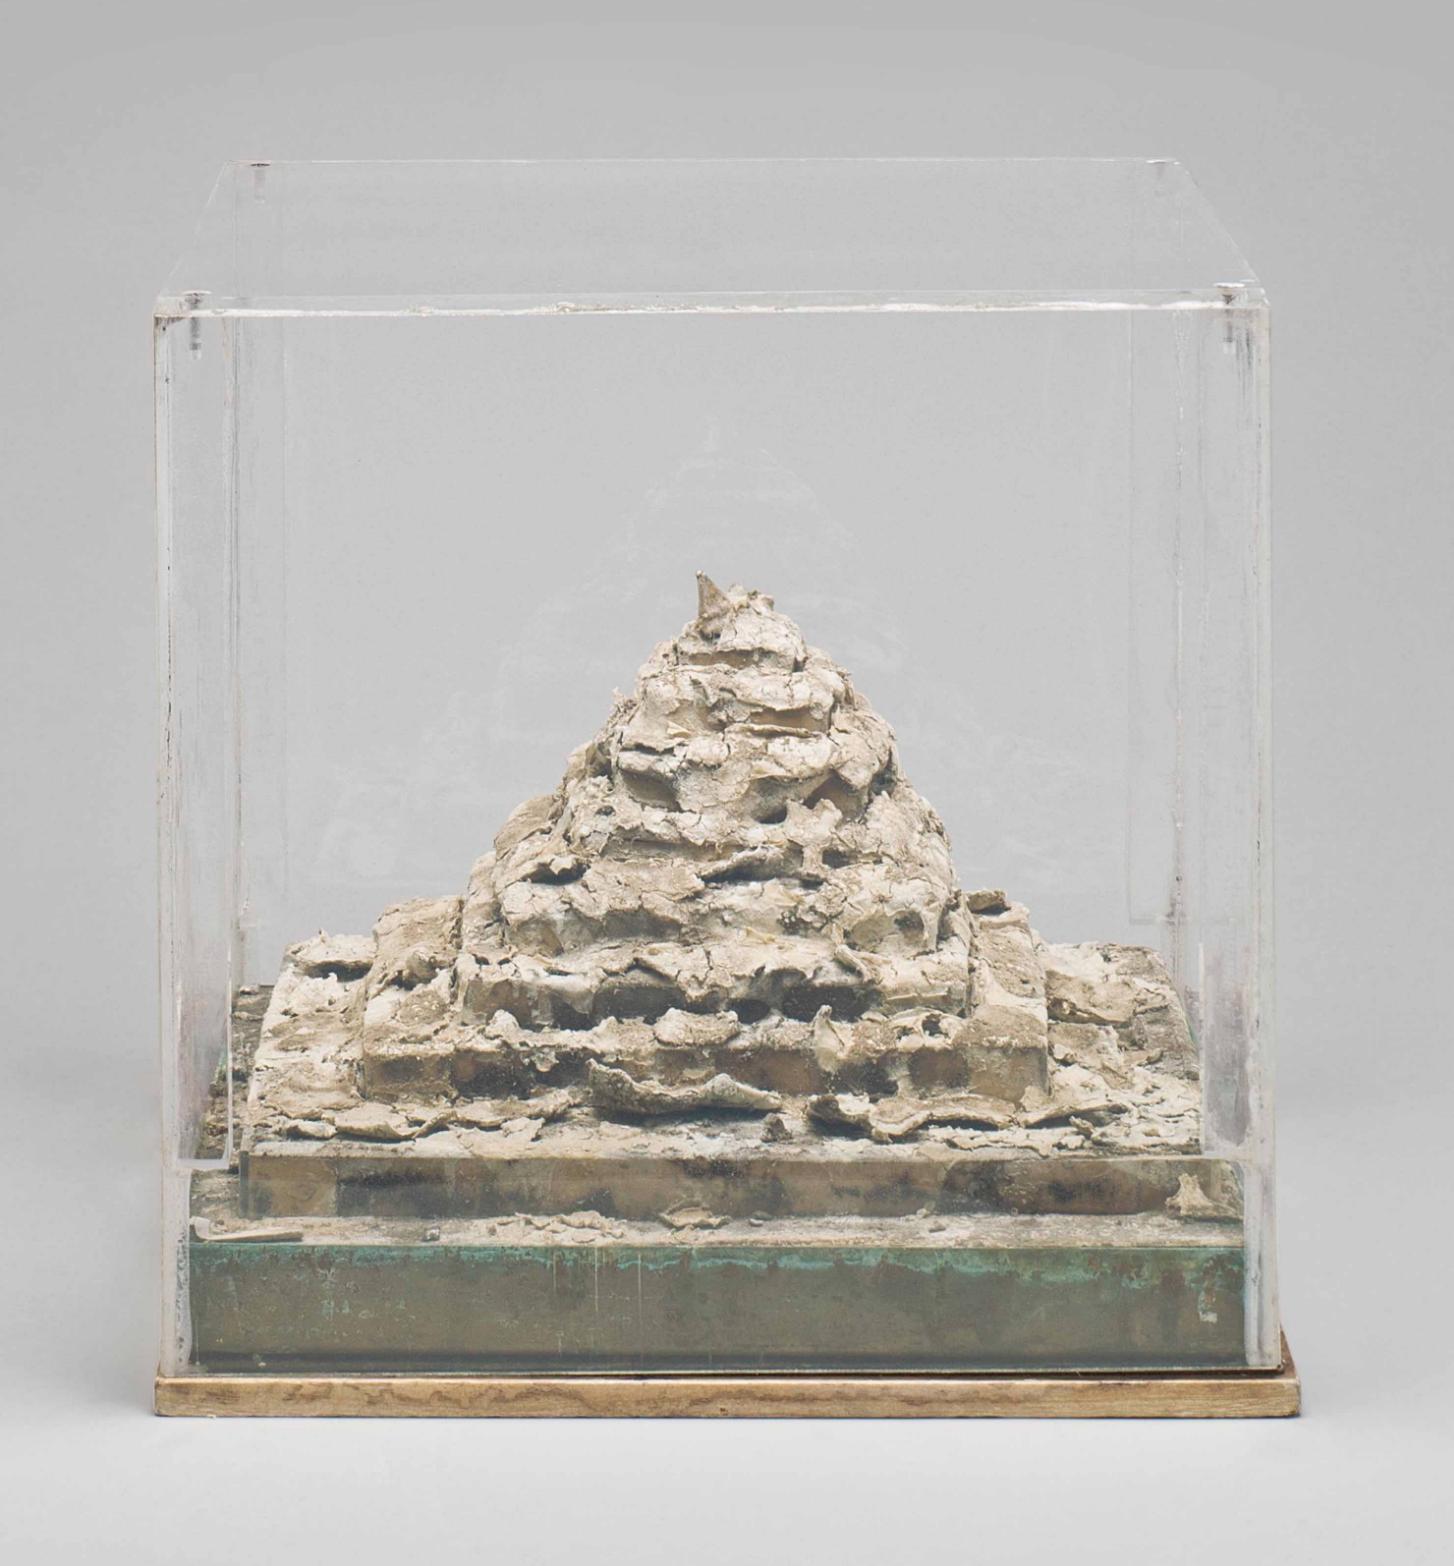 Дитер Рот, В море, гора Молд, 1969